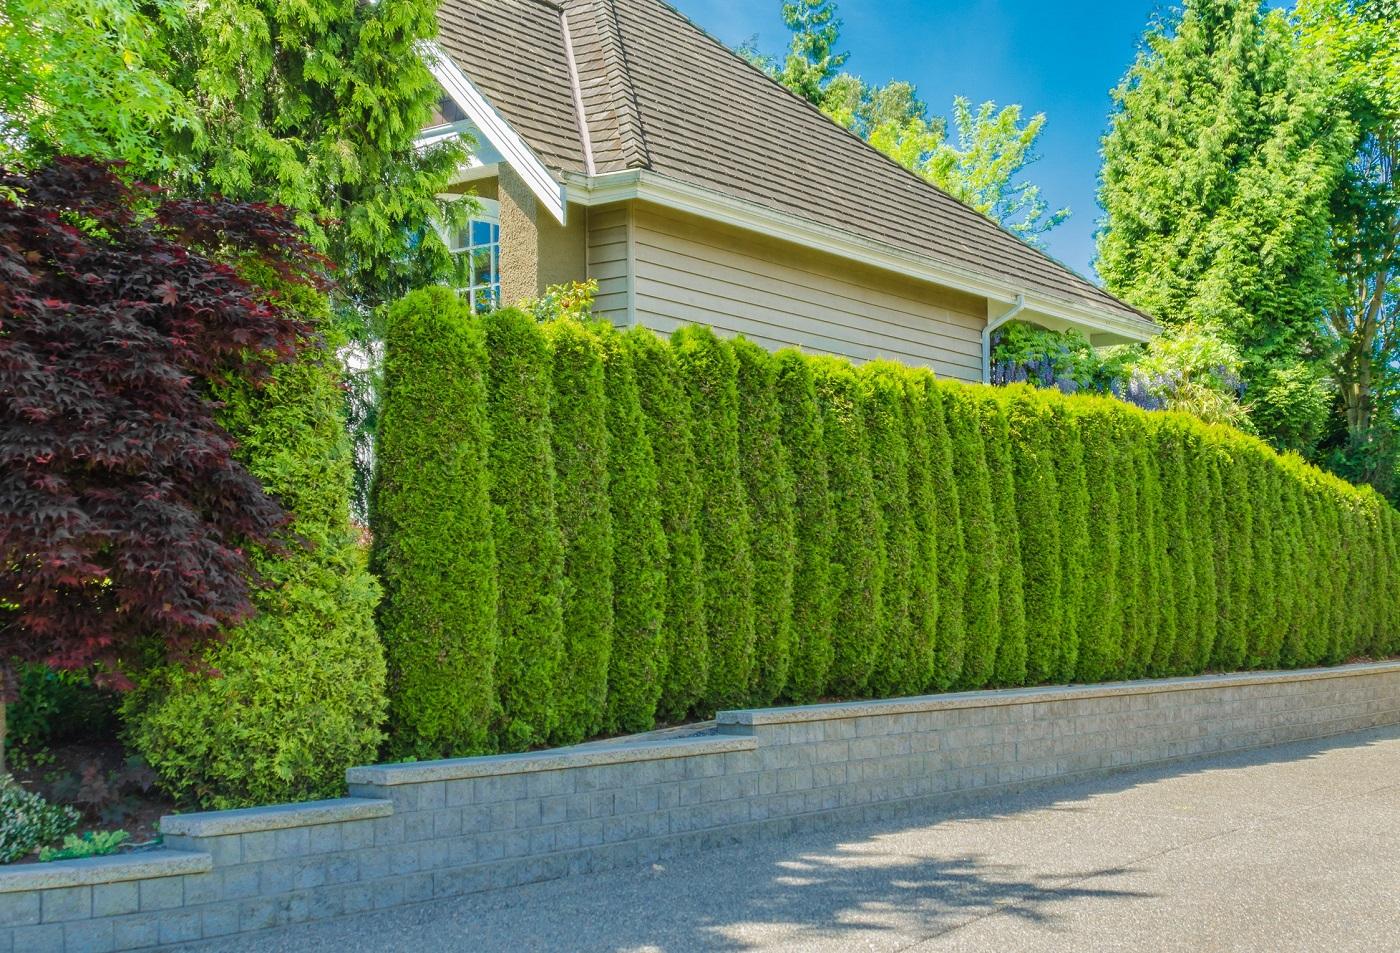 Як вибрати декоративну огорожу зі штучної трави?